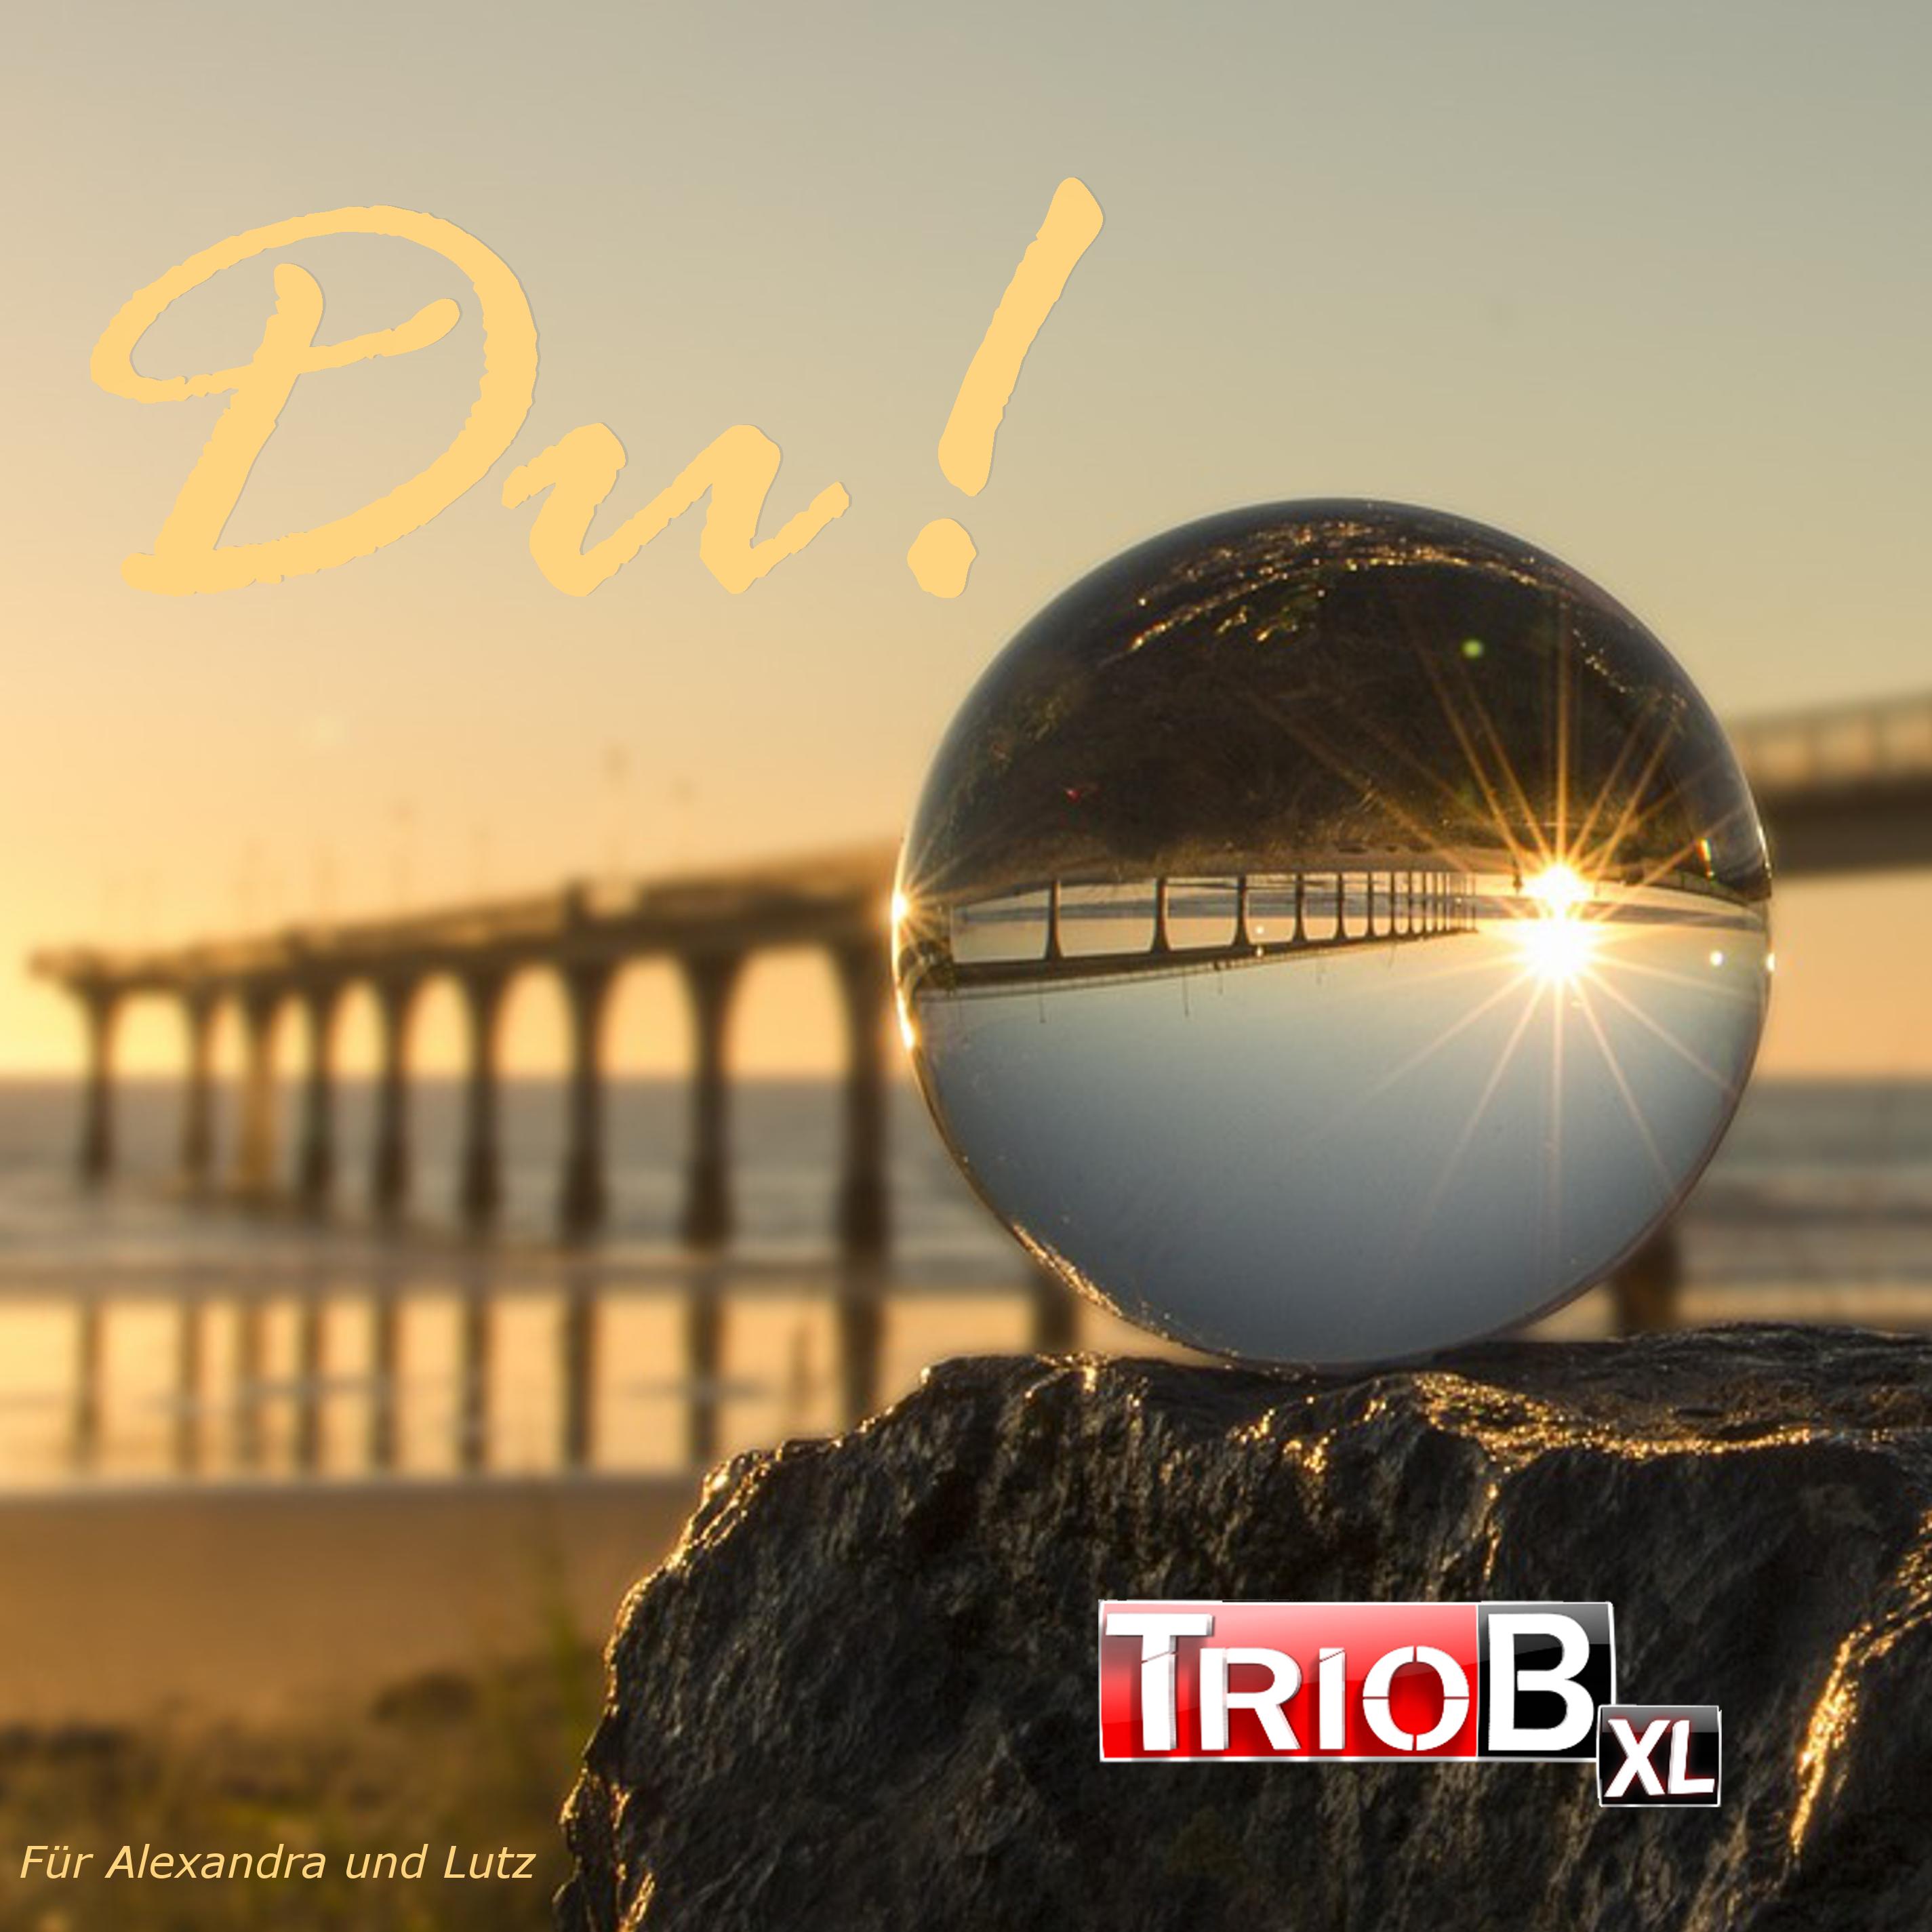 Du! - TrioB XL